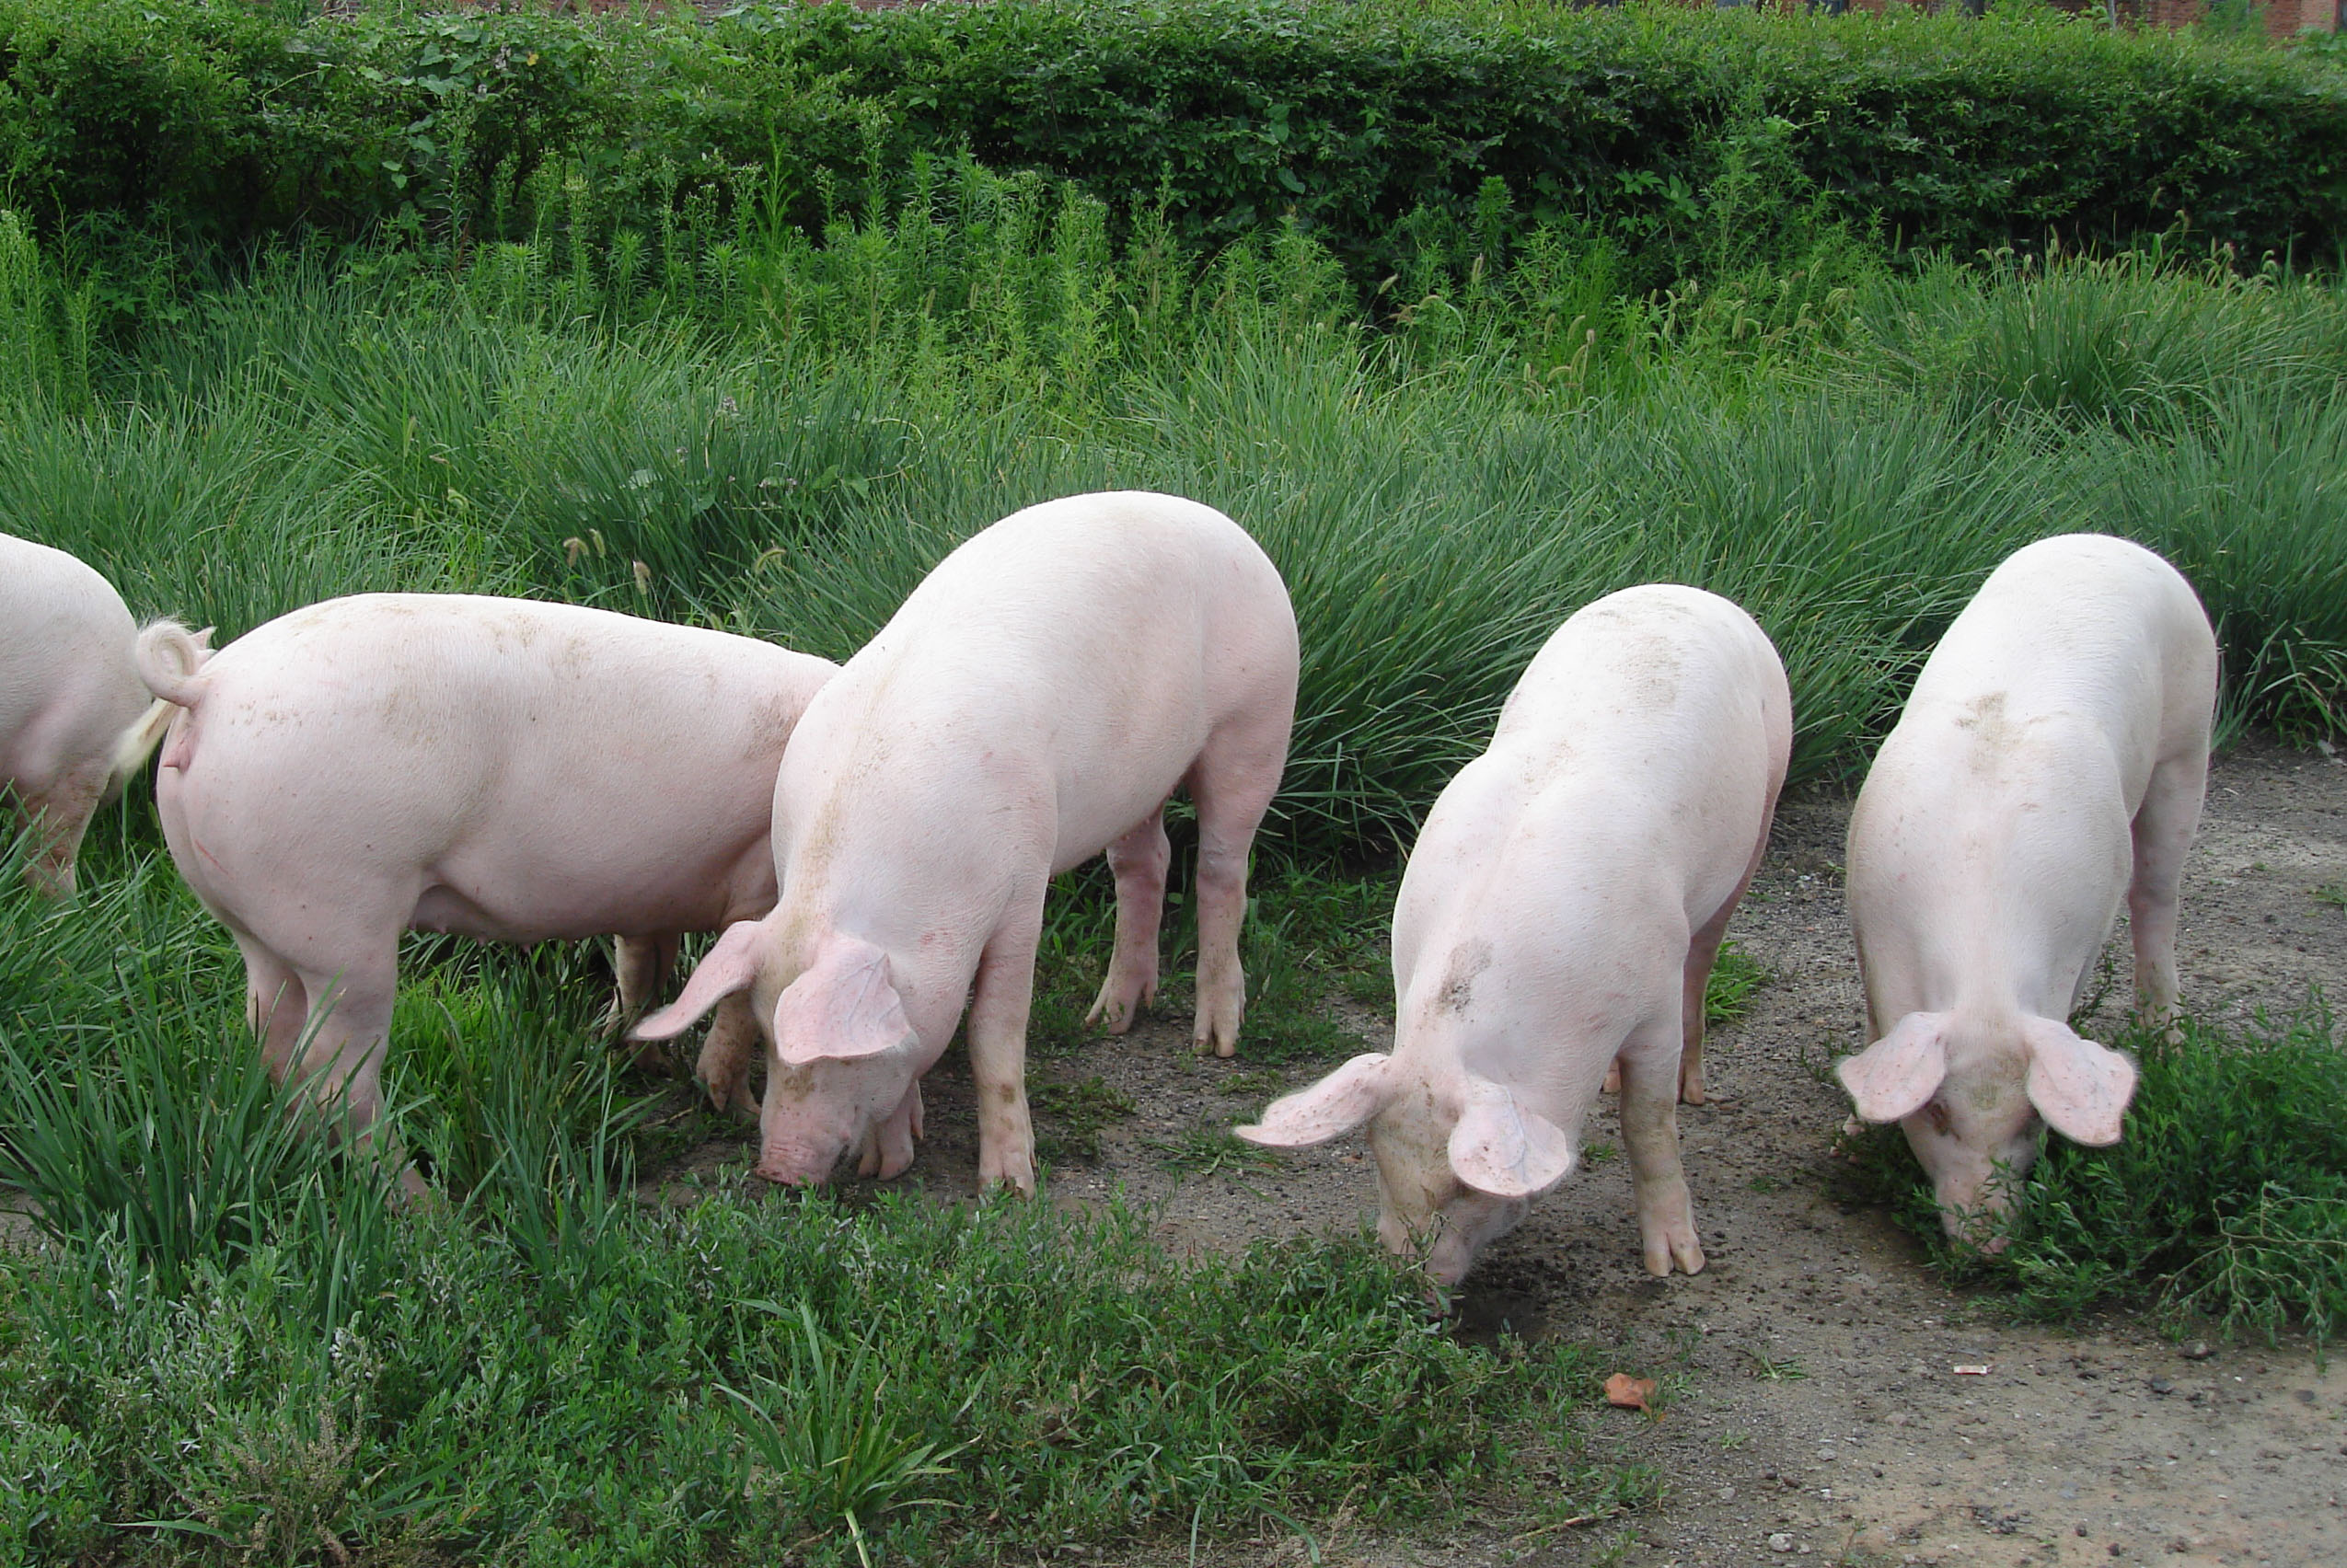 生猪养殖经营承压,行业面临去产能挑战,龙头企业资金状况受关注